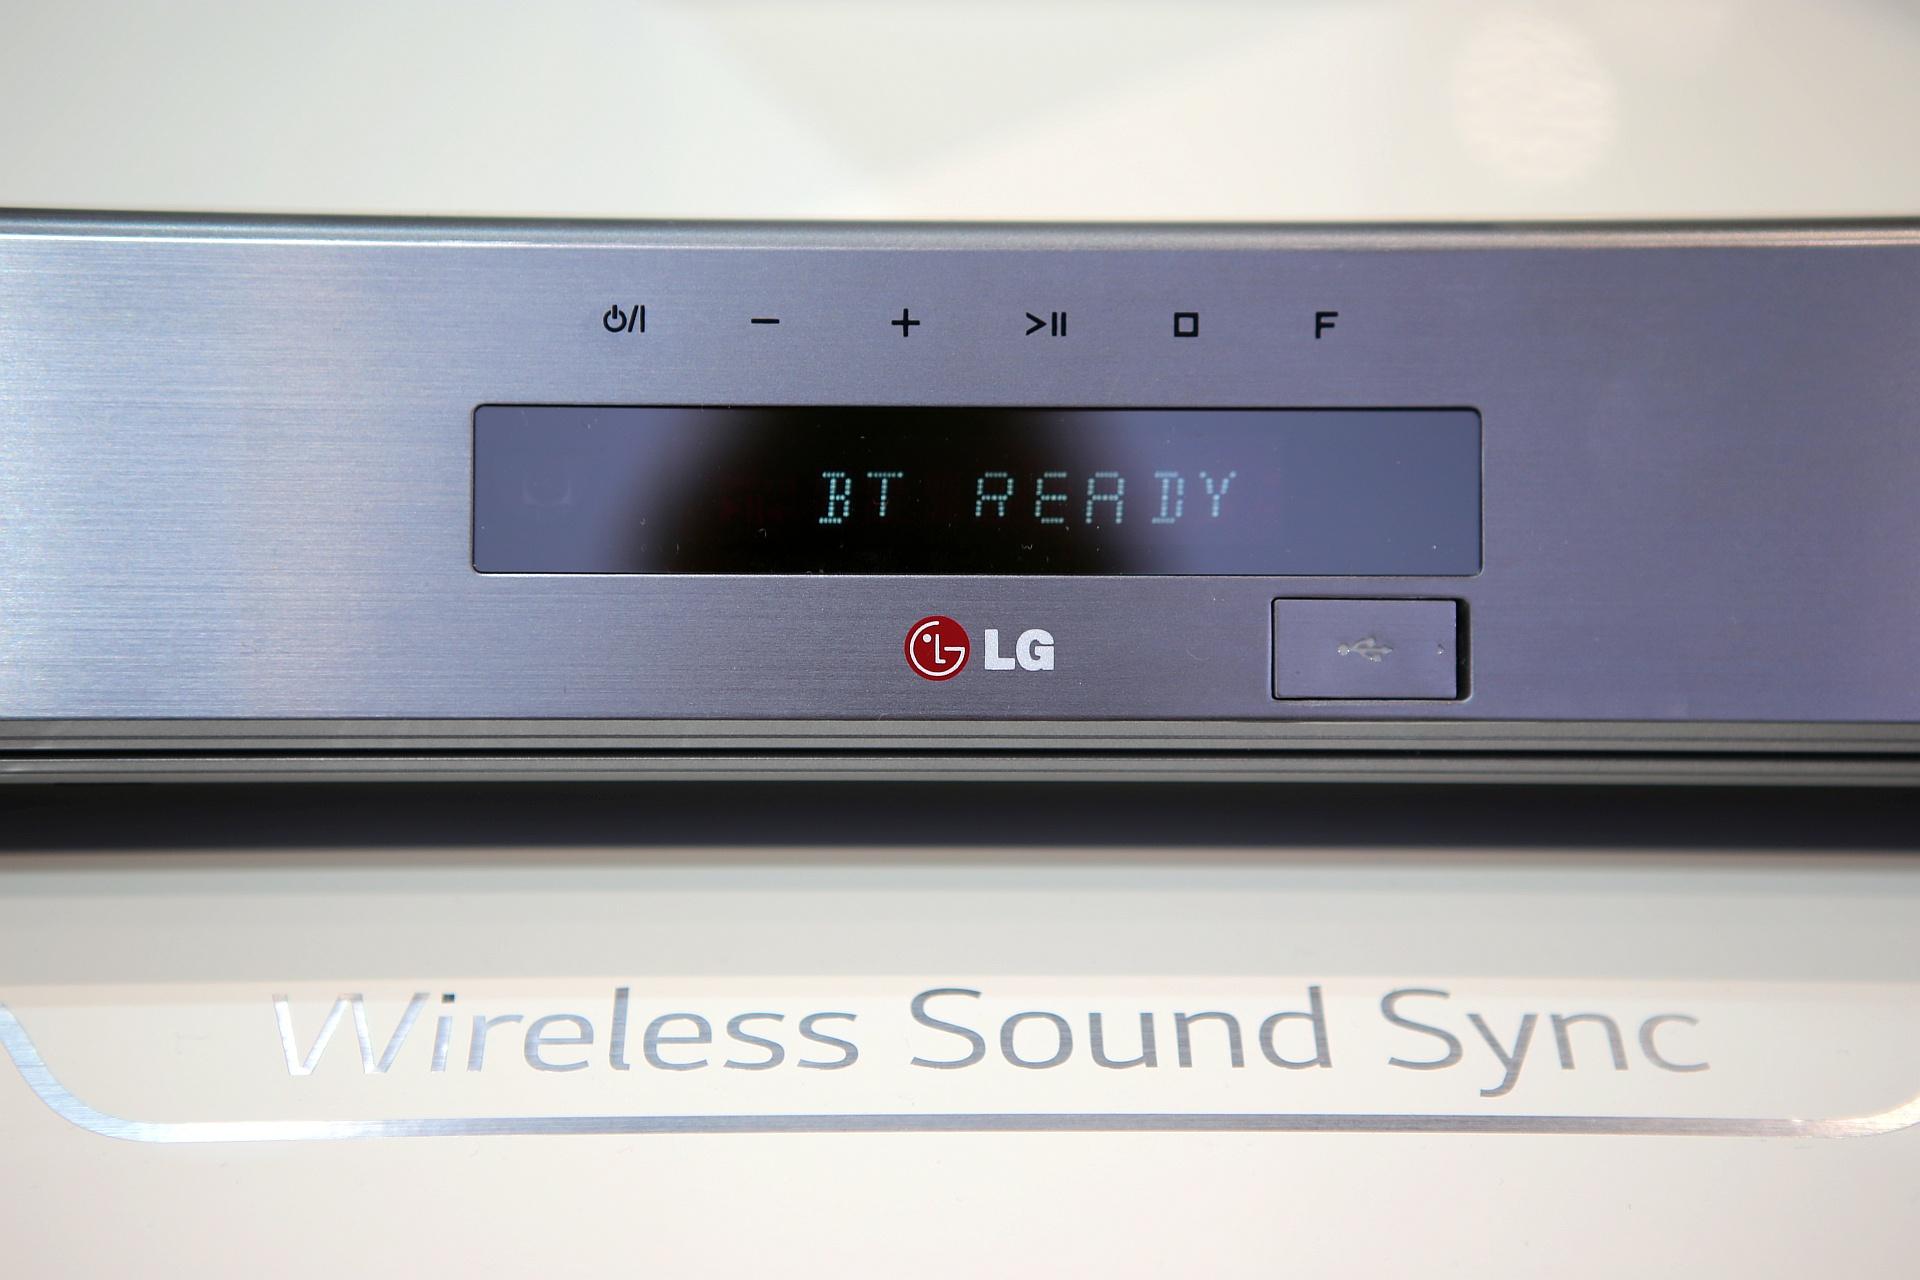 Multimedia si audio de la LG – Acolo unde sunetul este important